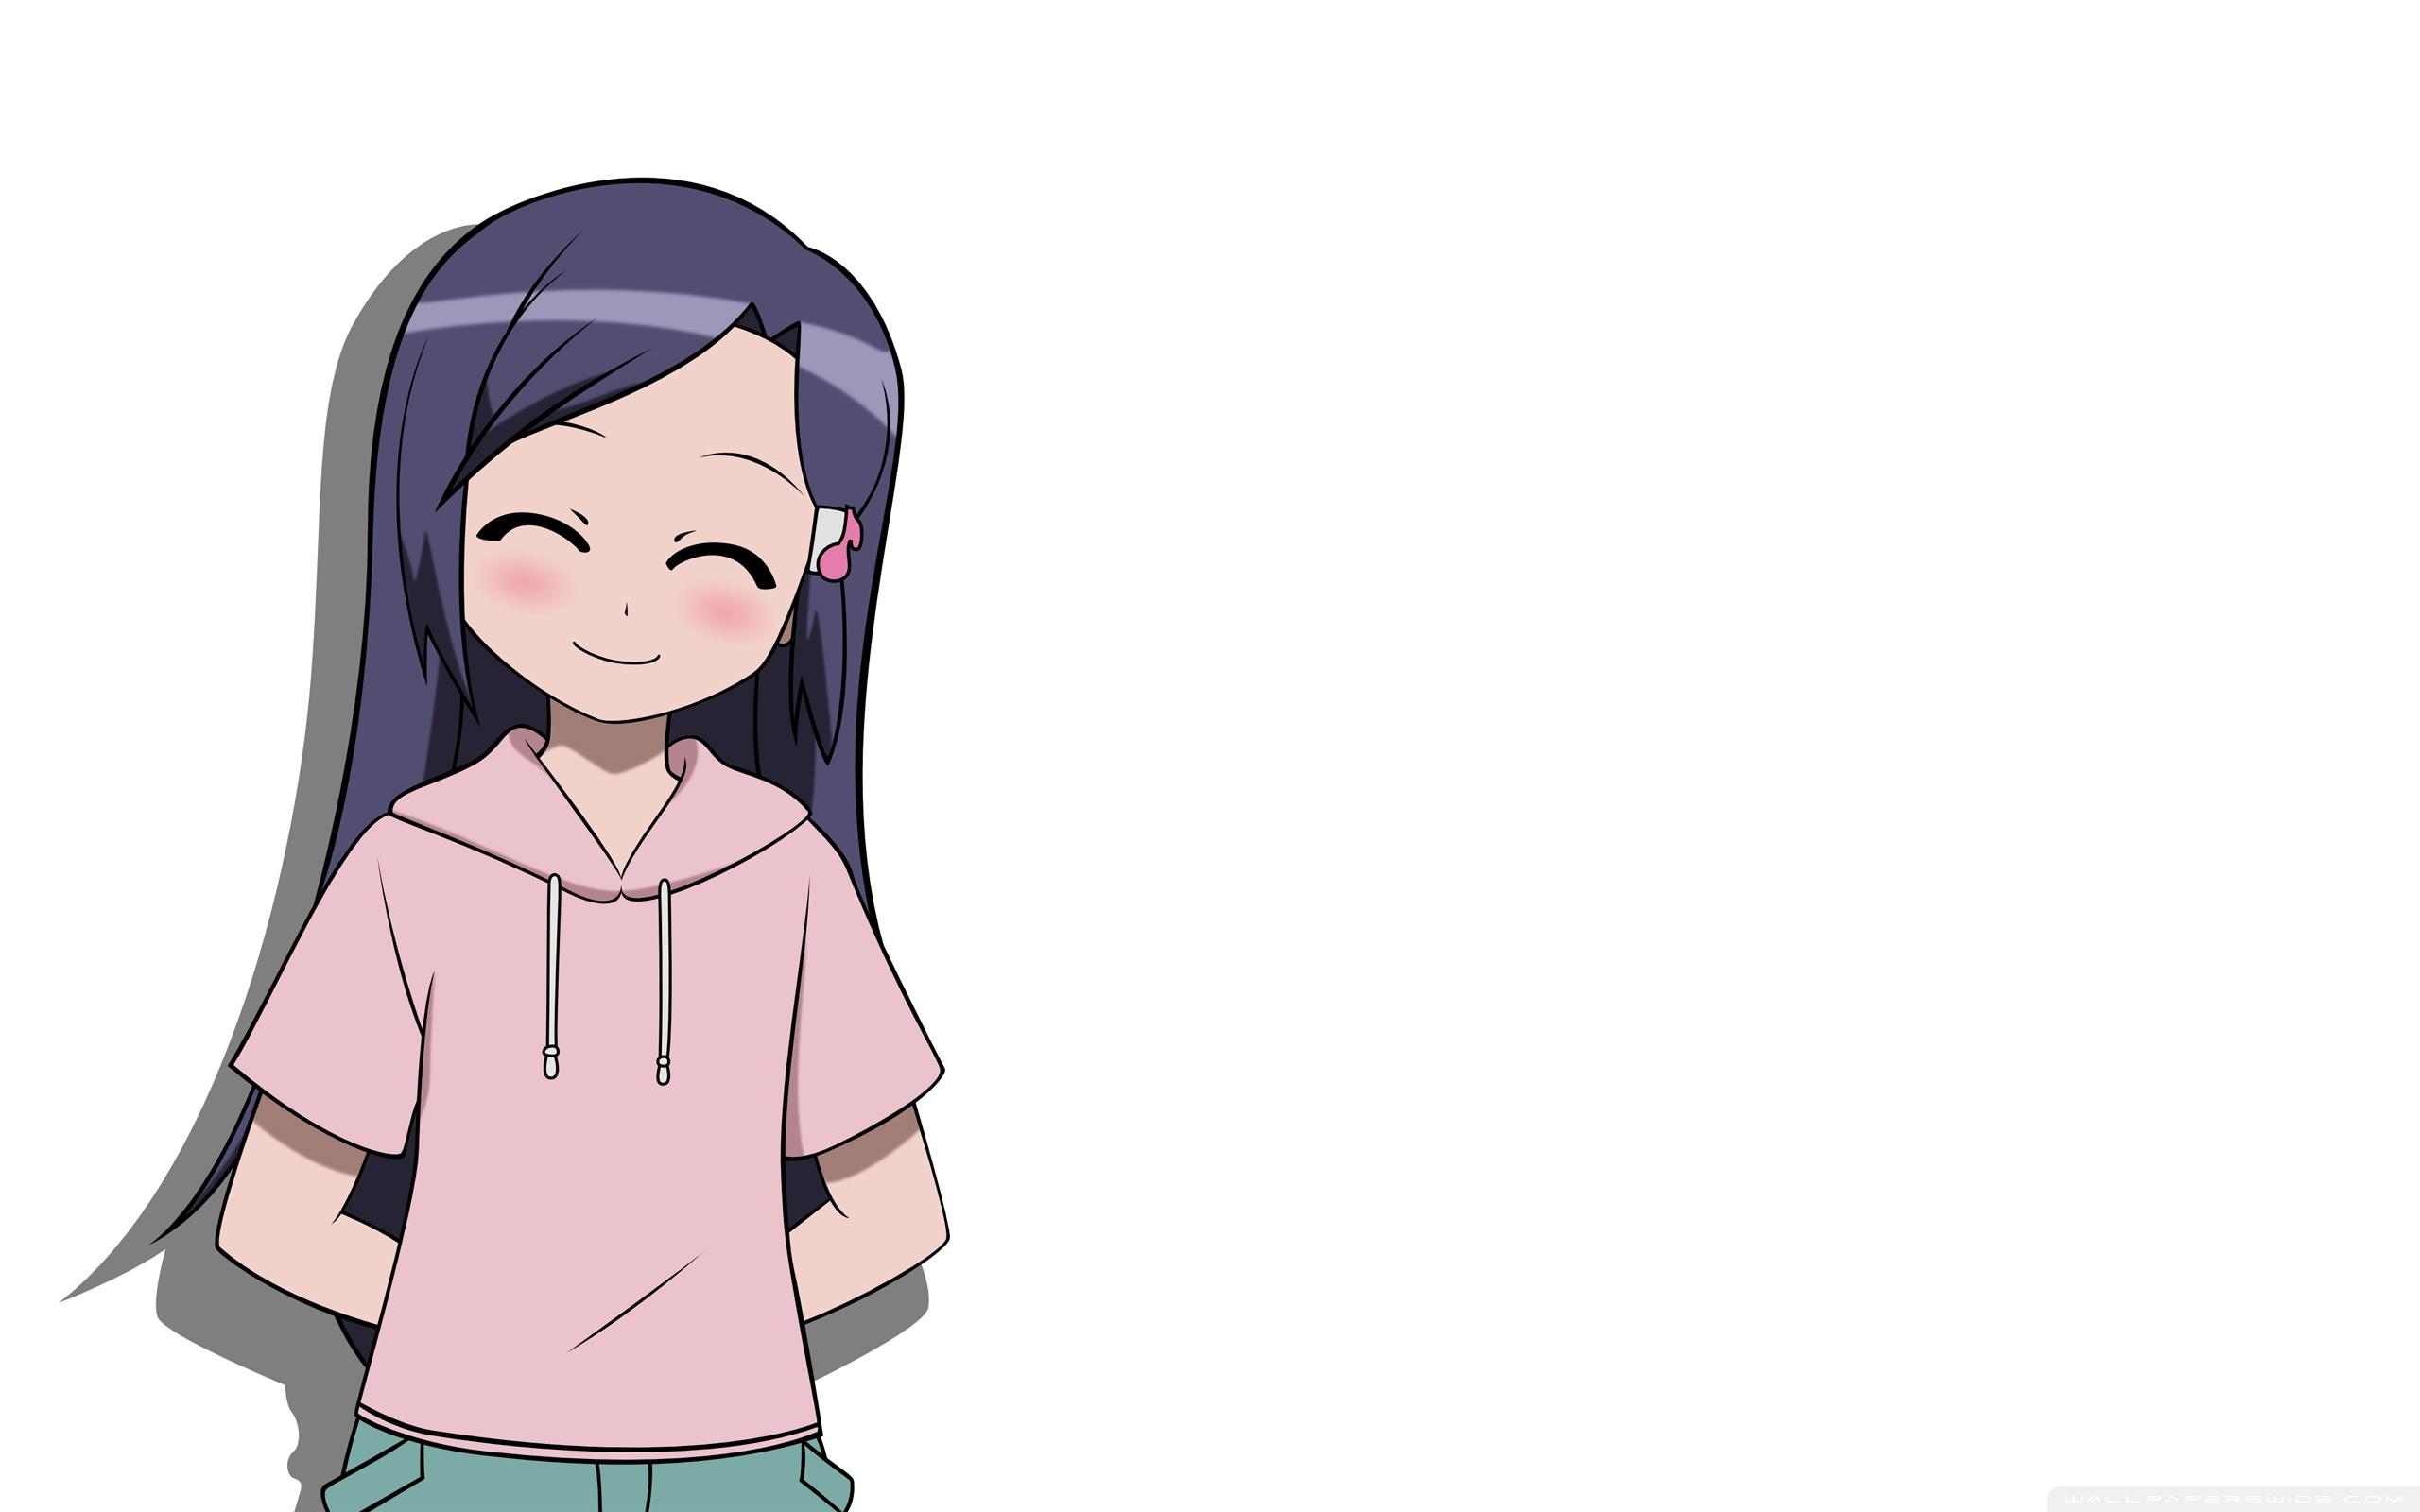 happy girl anime white background ❤ 4k hd desktop wallpaper for 4k